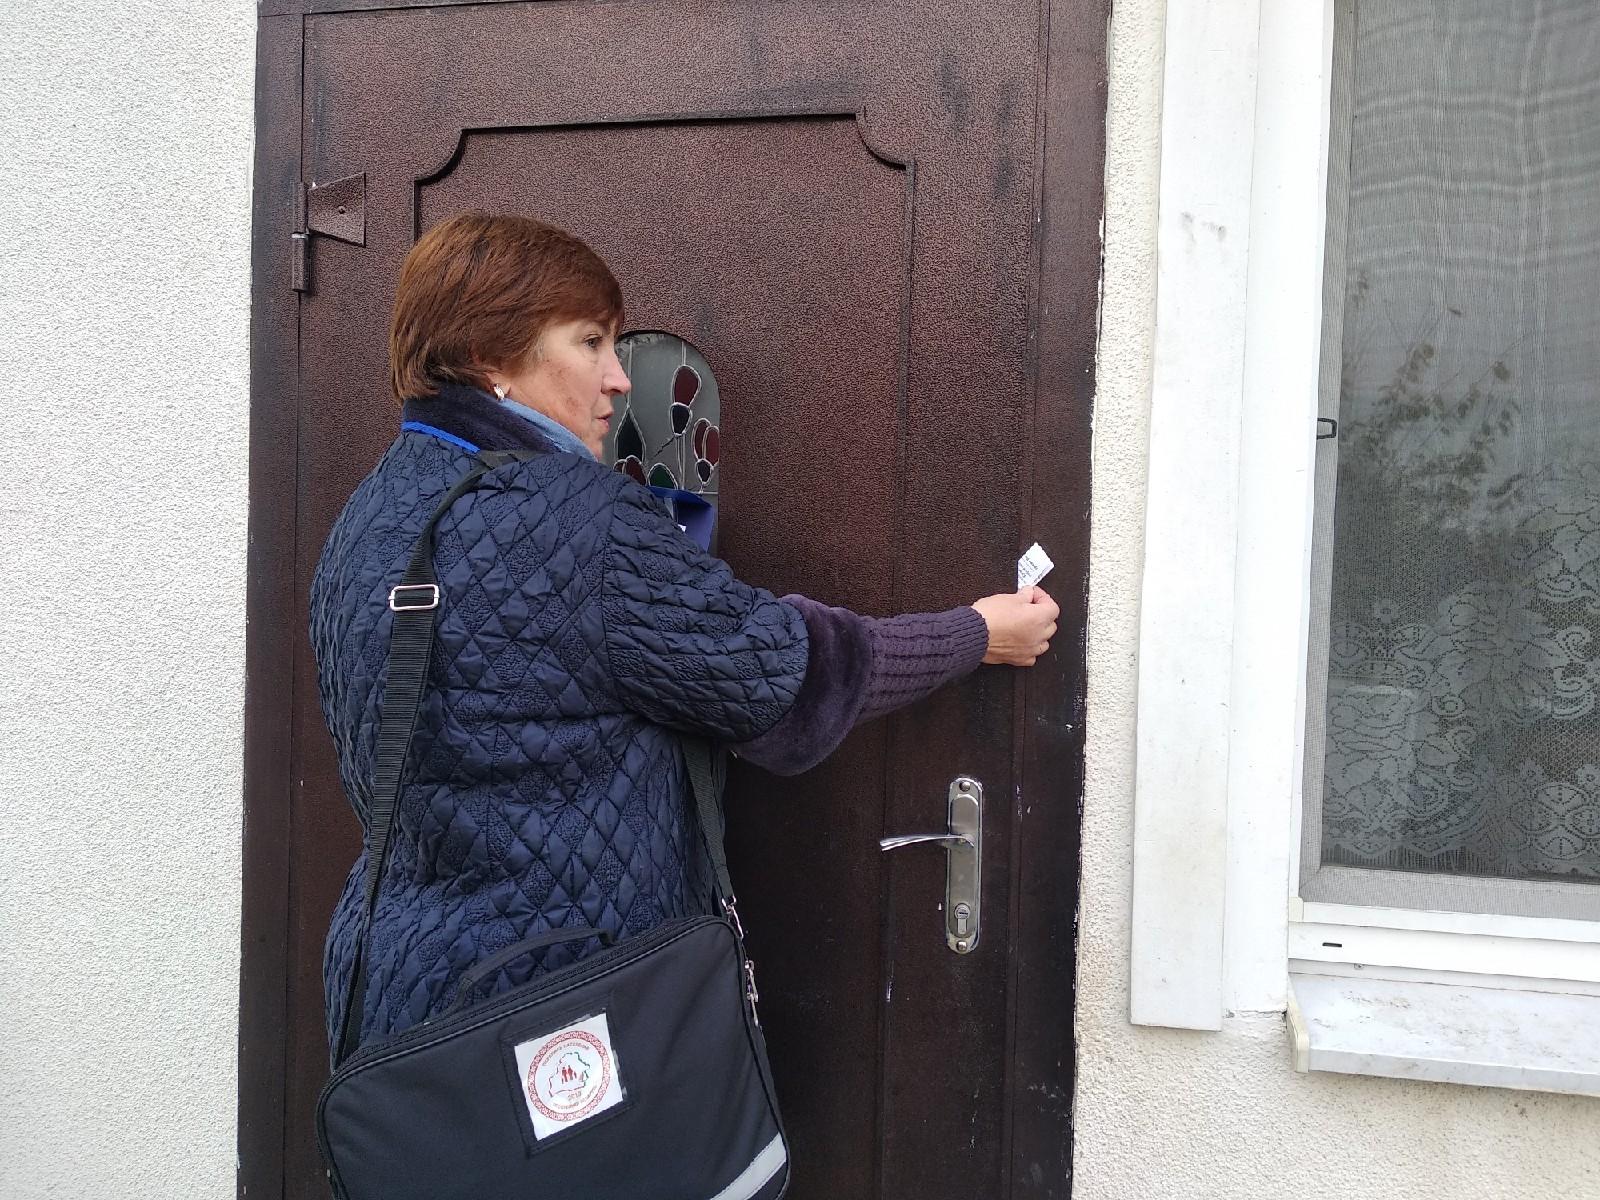 Переписчик оставляет уведомление. Фото: Ирина Комик